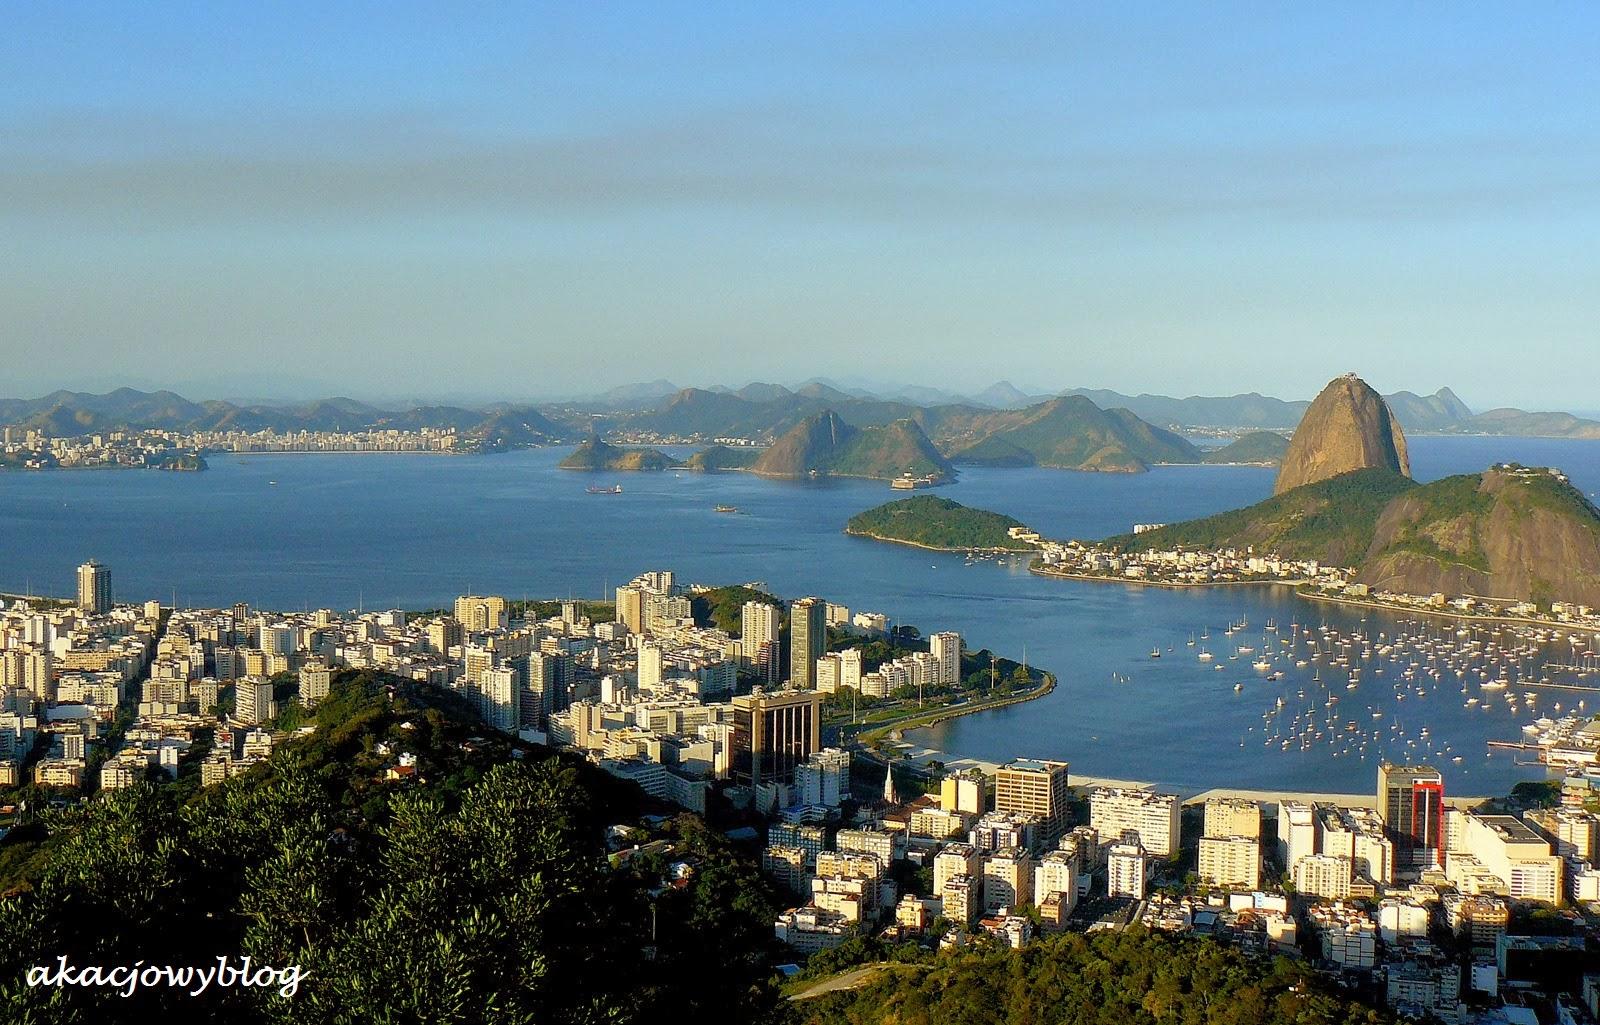 Rio de Janeiro czyli Styczniowa Rzeka w Brazylii.